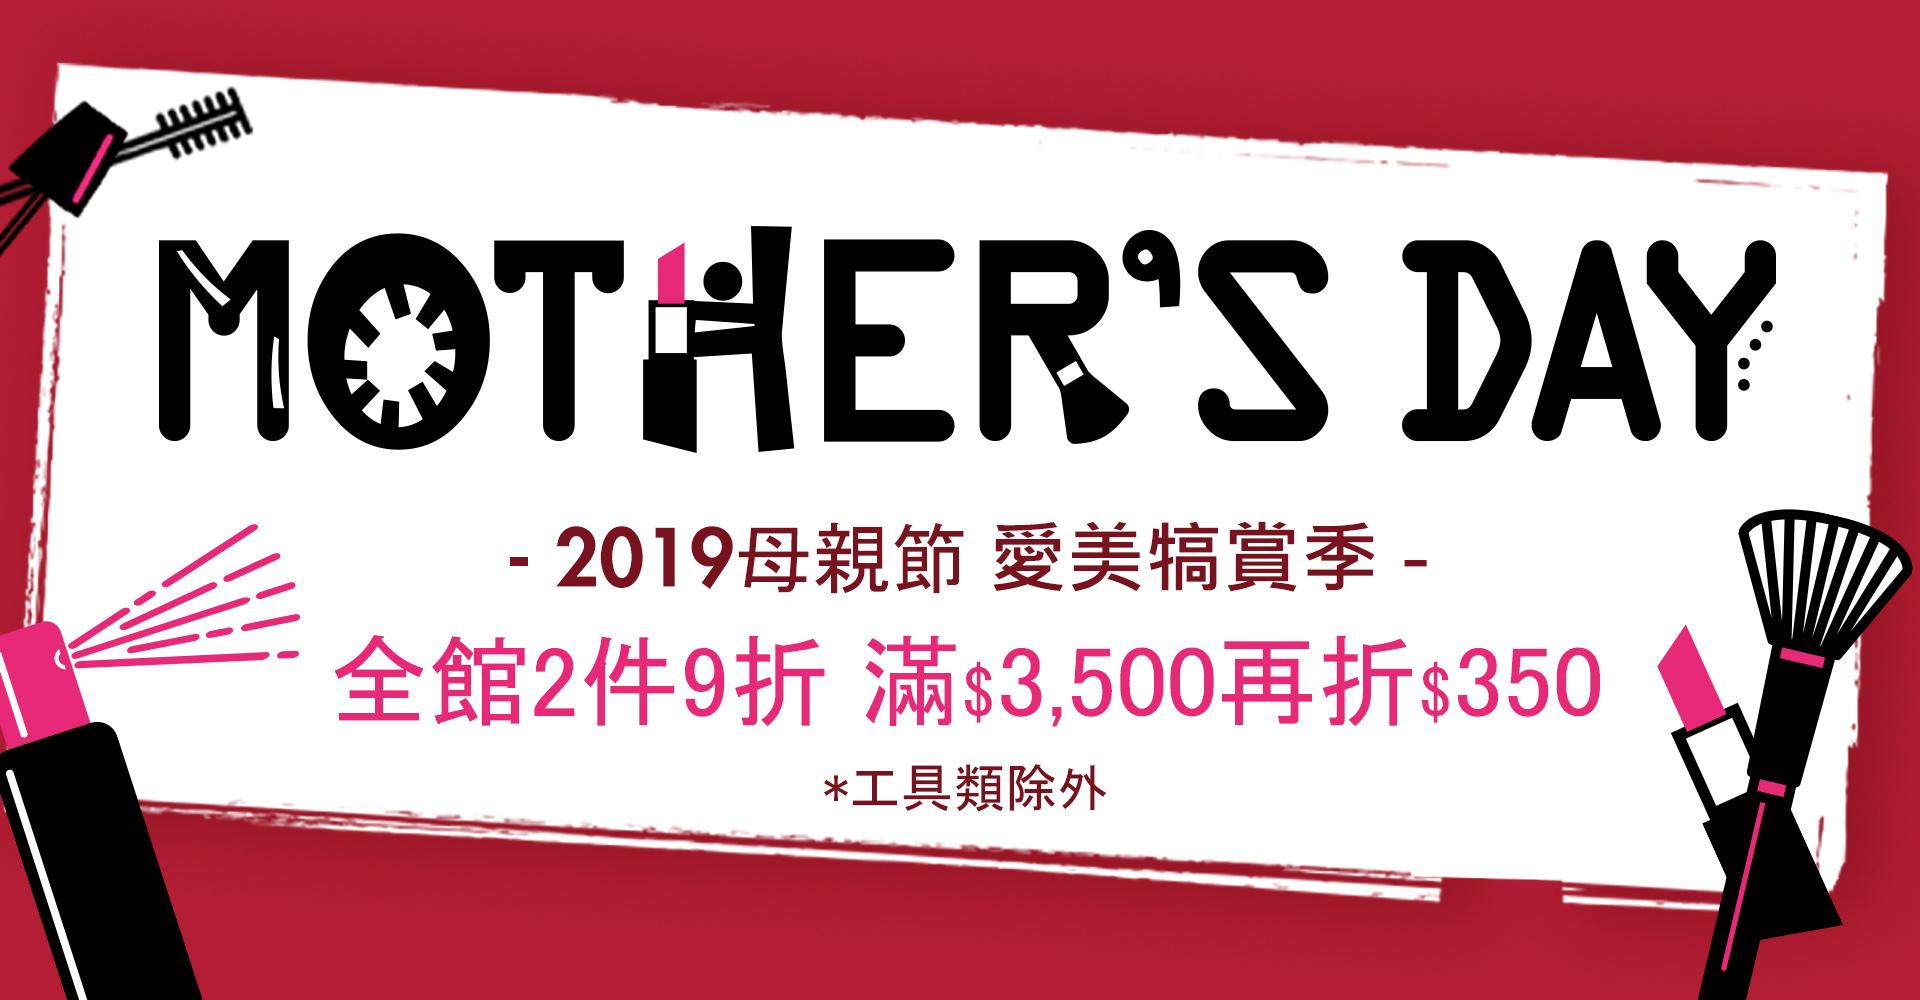 2019線上旗艦店母親節活動